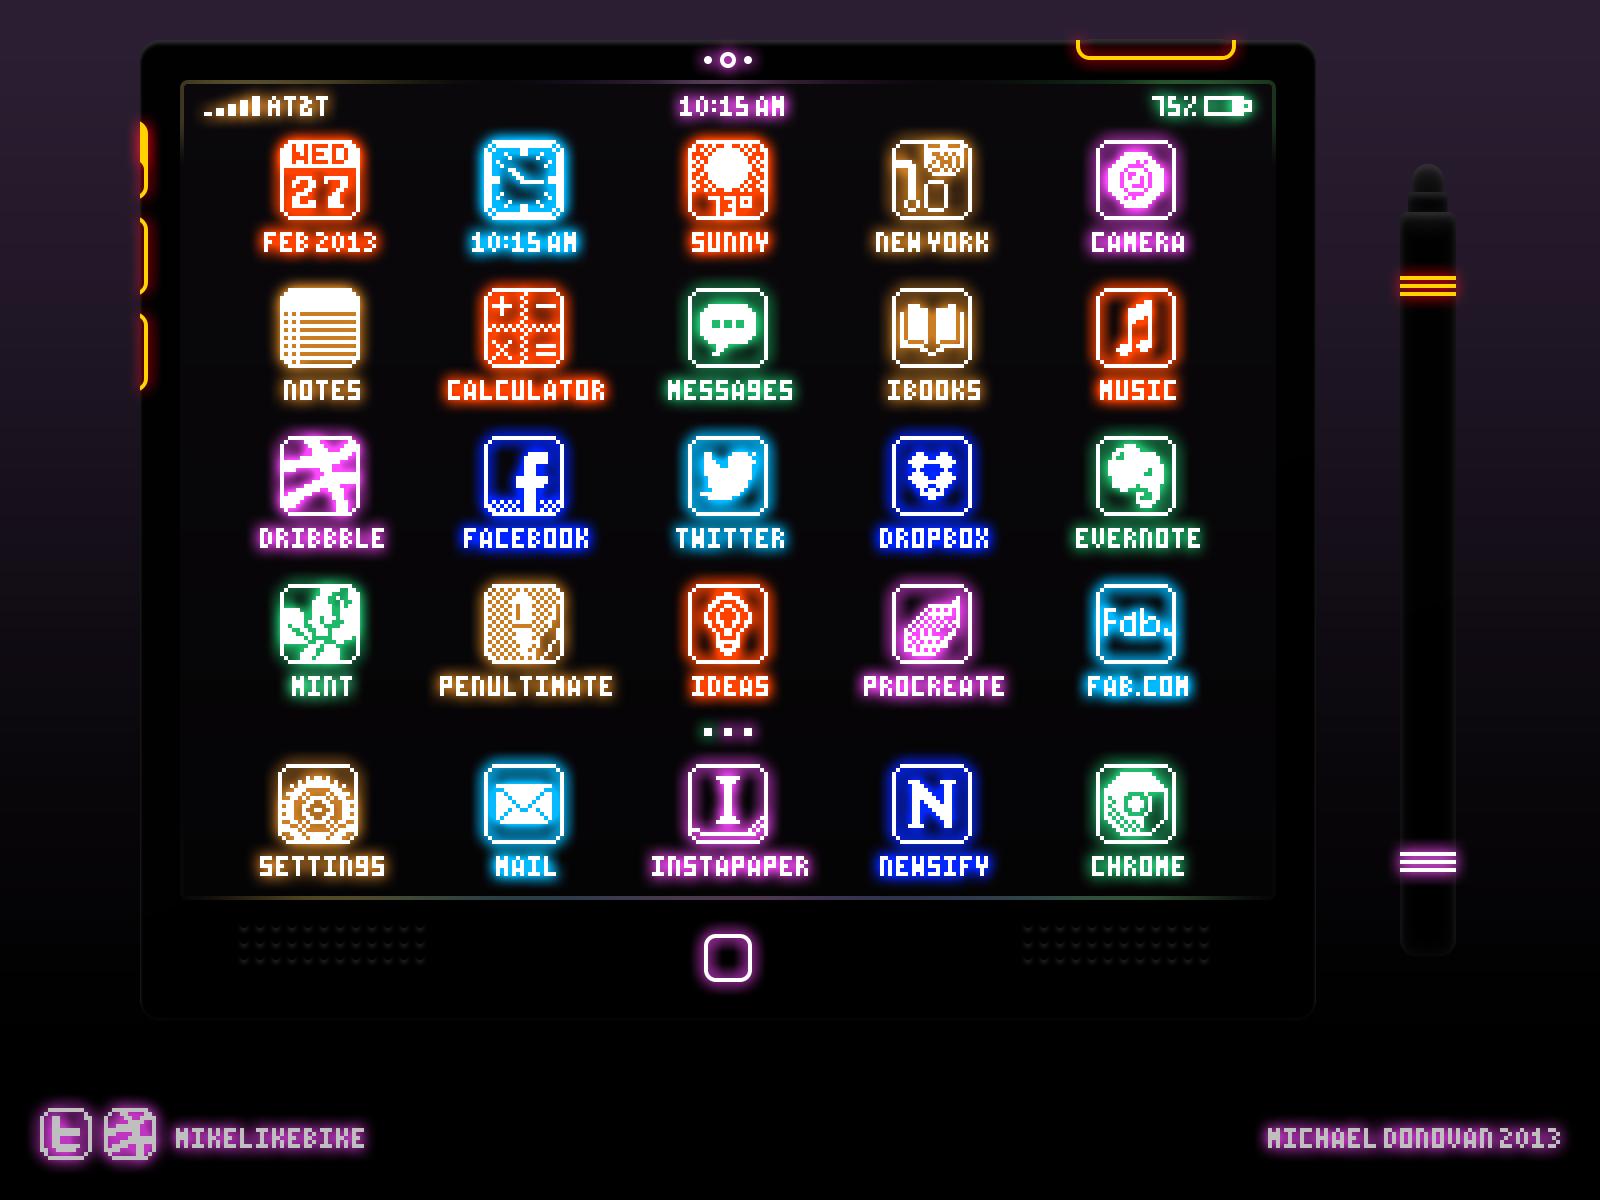 Ipad electronica  4x